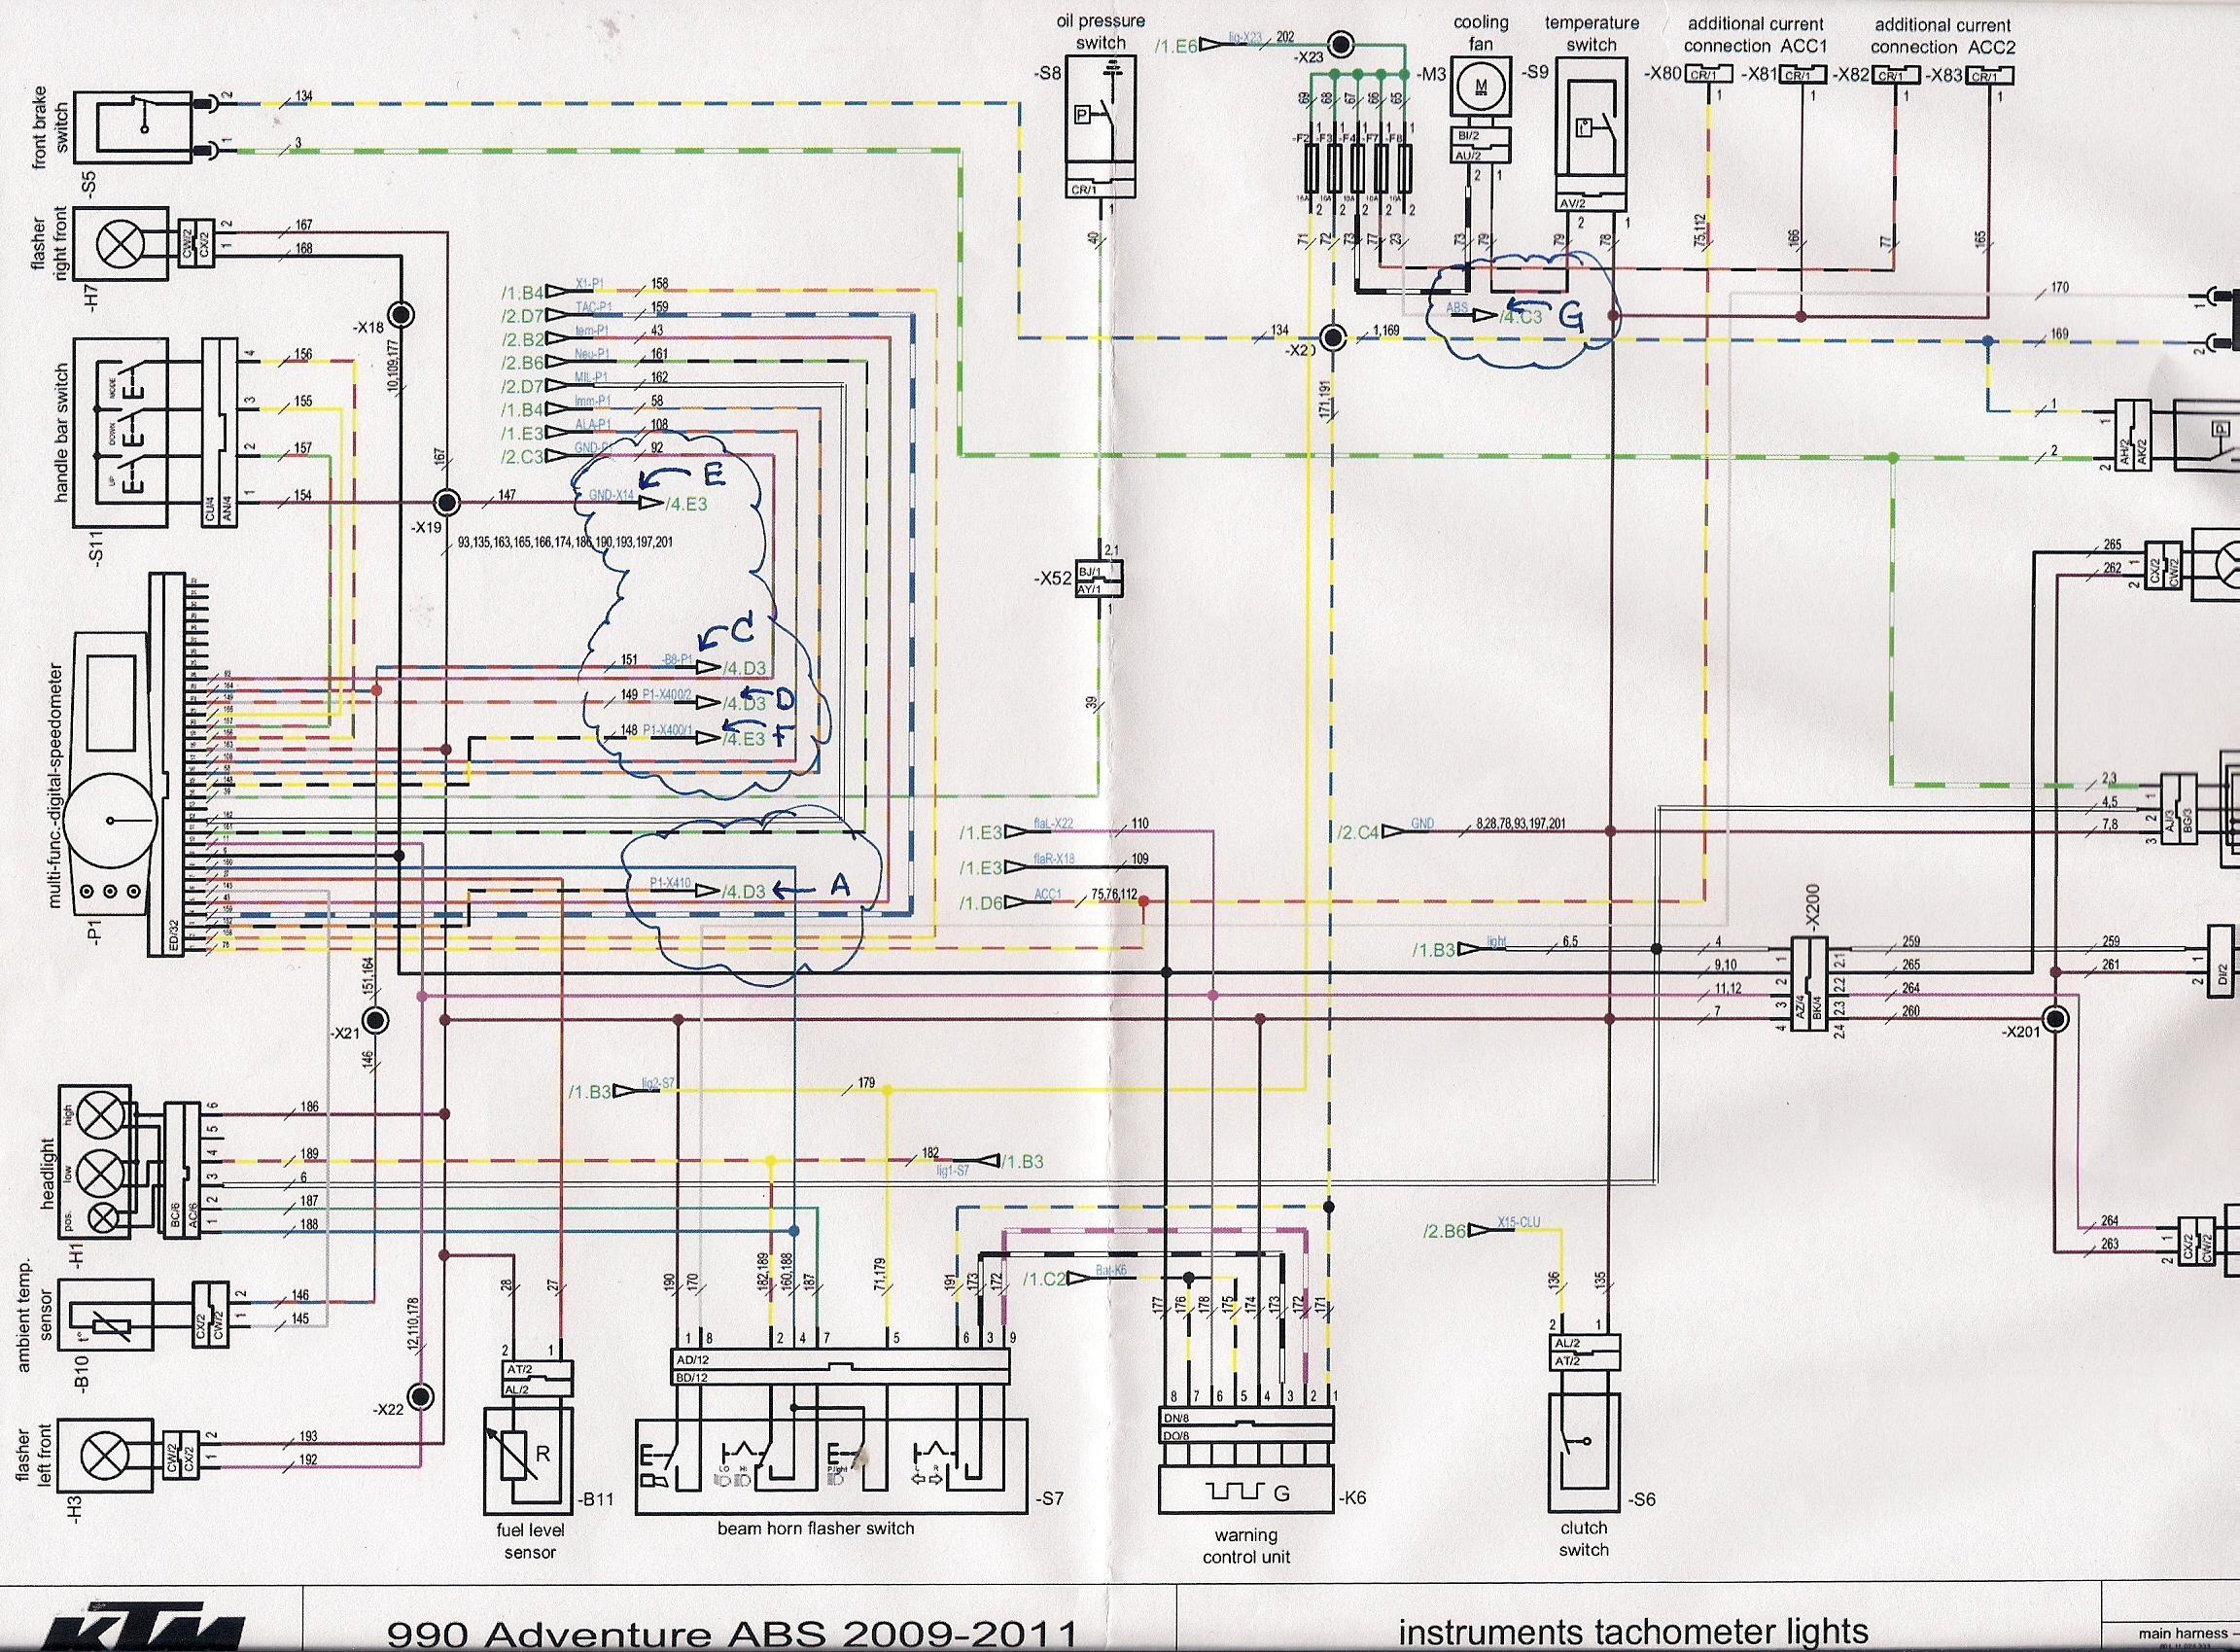 690d7e ktm 990 smt wiring diagram | wiring resources  wiring resources